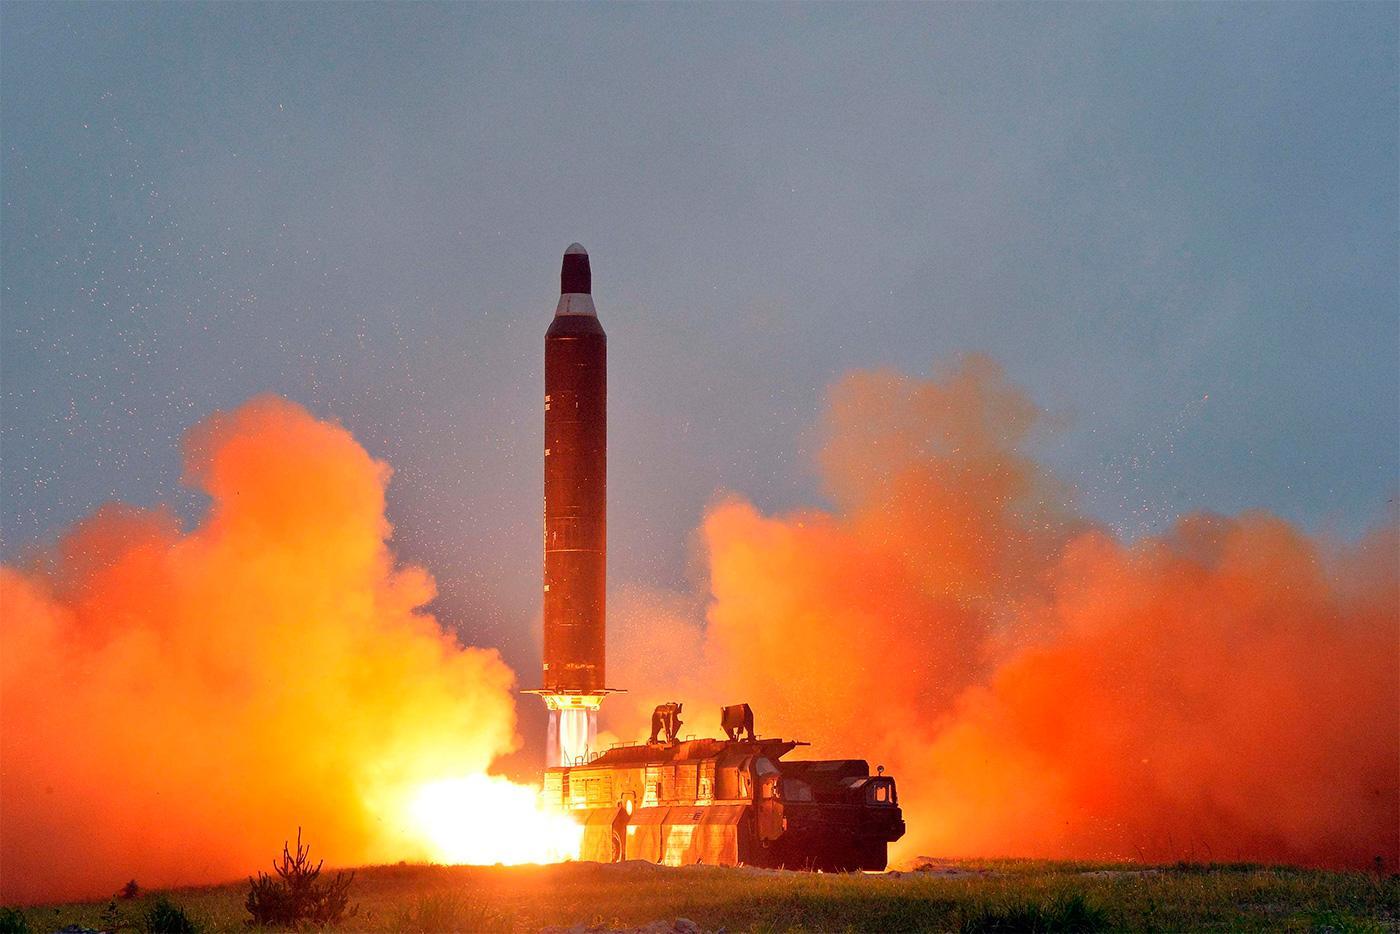 Киев нестал опровергать возможное наличие собственных компонентов вракетах КНДР